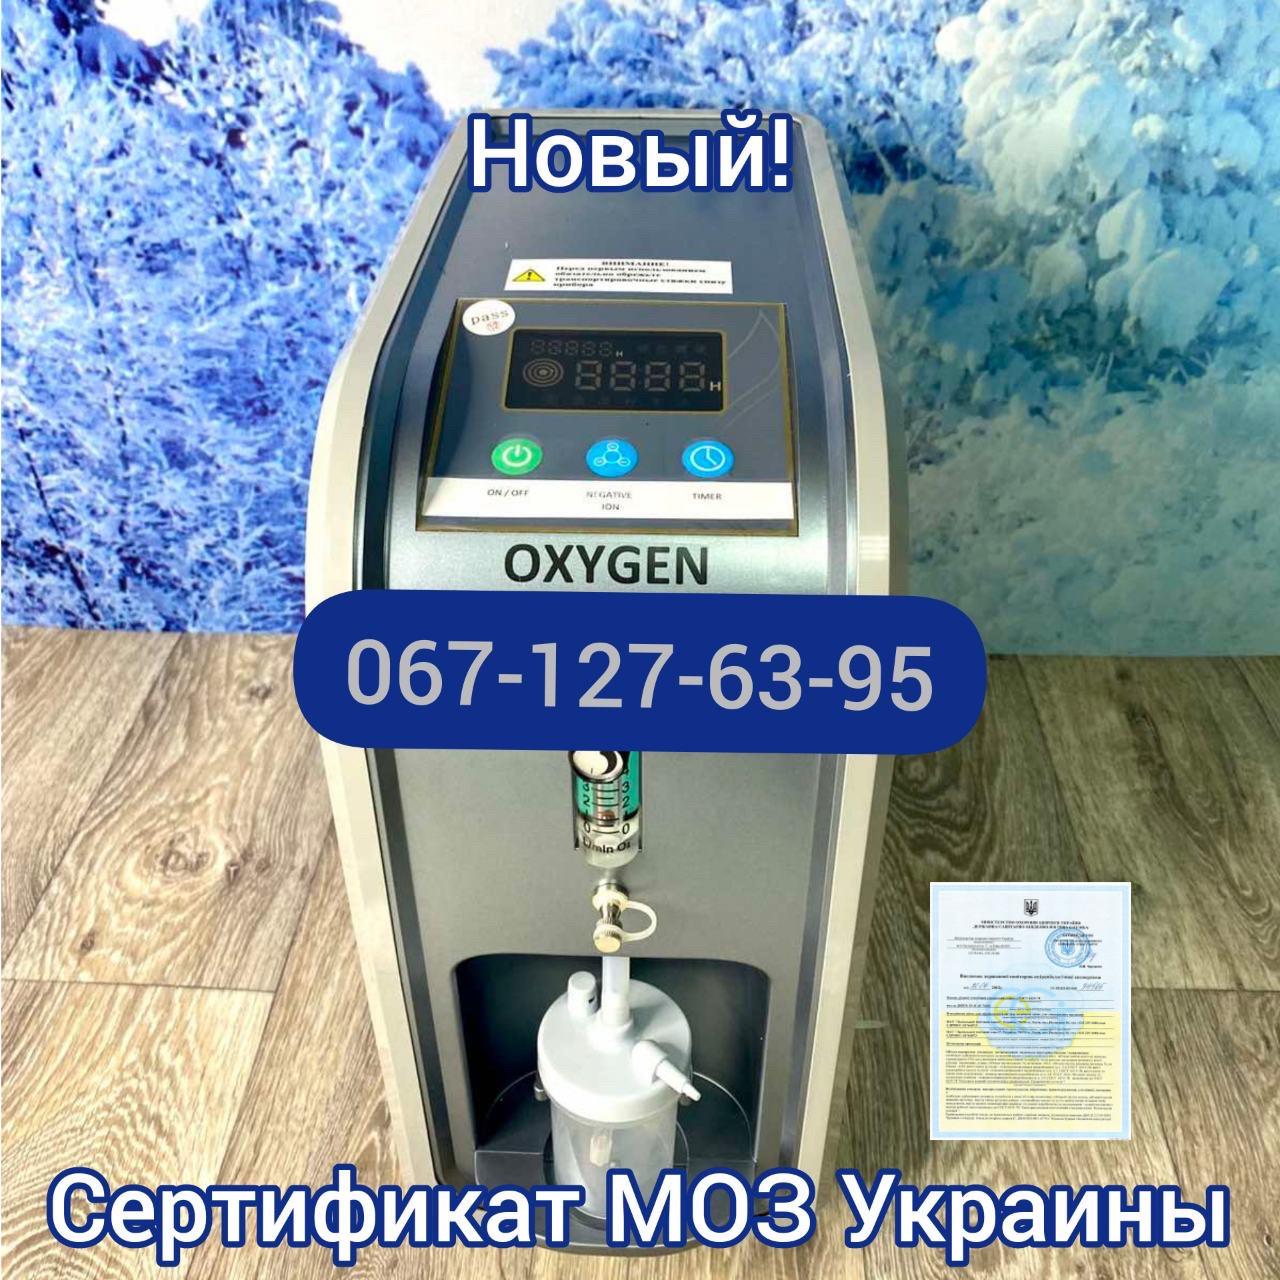 Кислородный концентратор 5л мин OXYGEN 1-5L генератор / кислород кисню / аппарат для кислорода